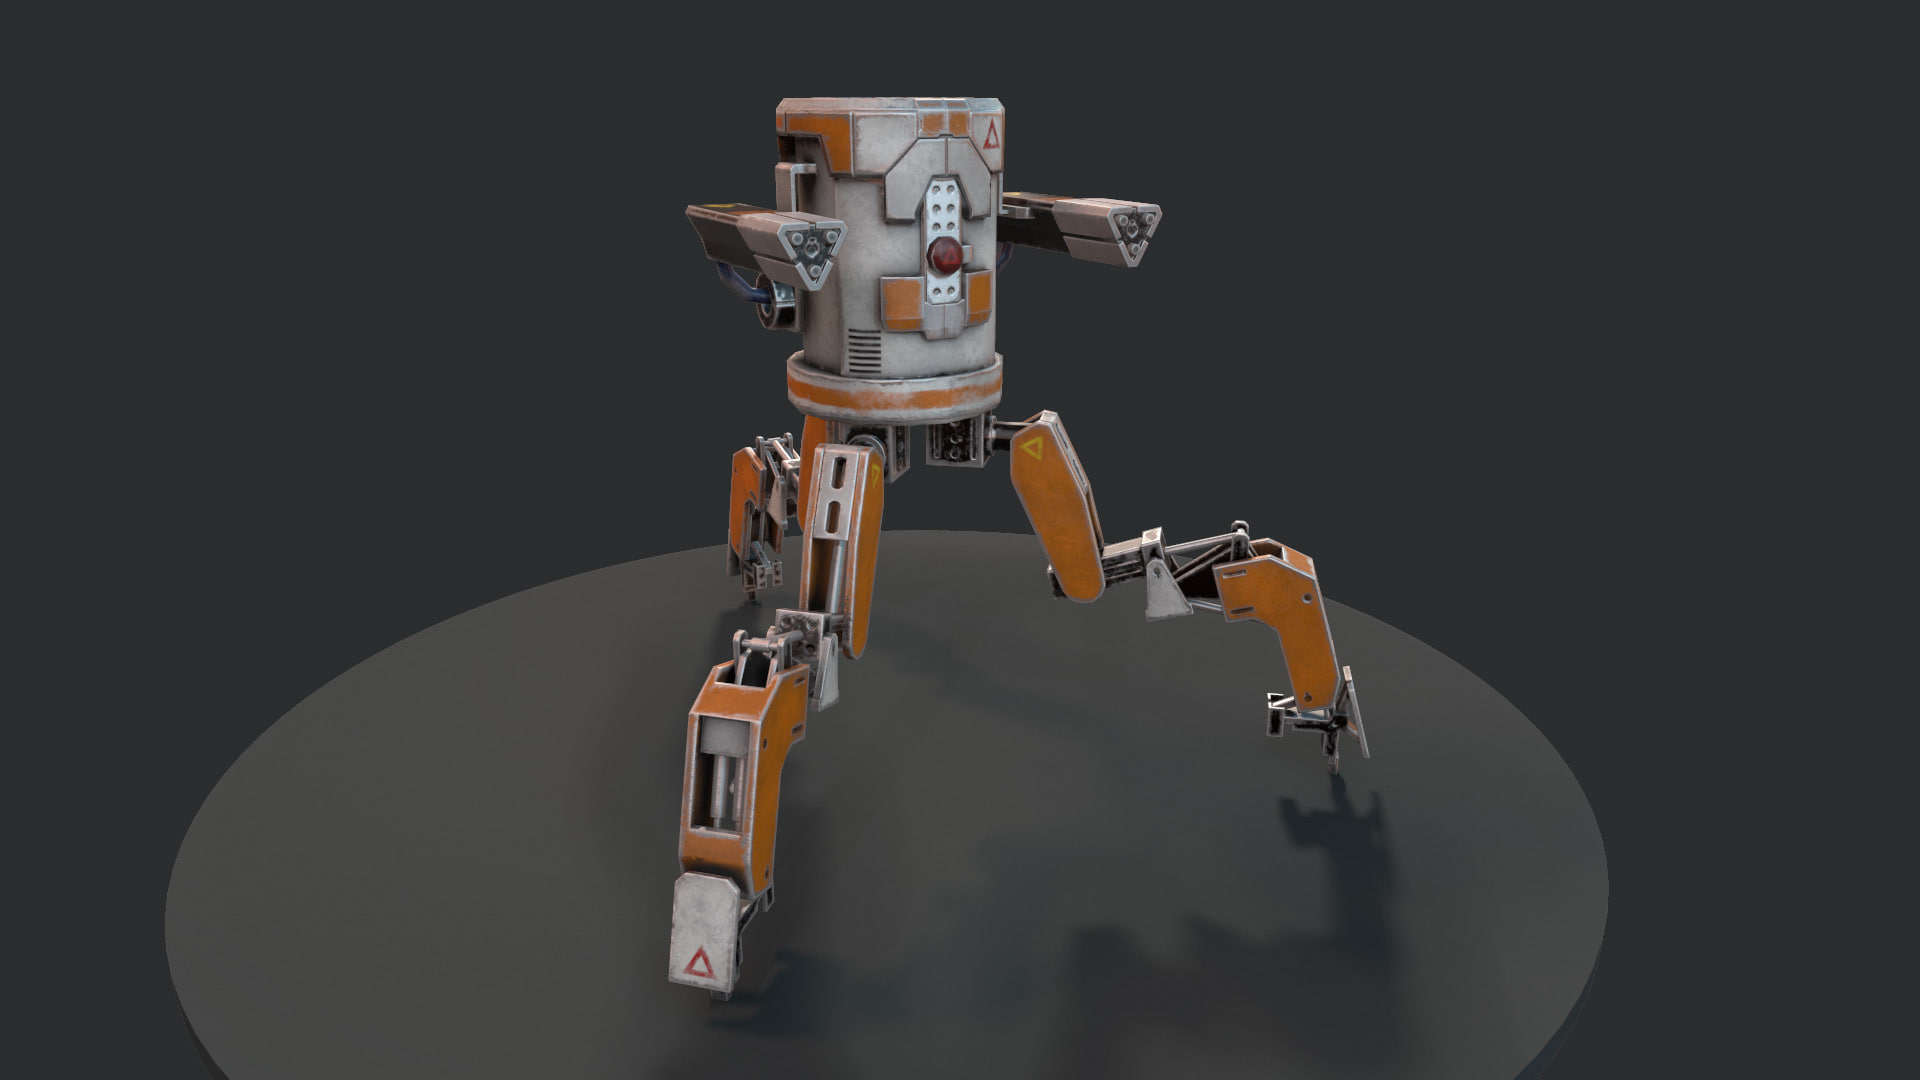 3D legged mech robot